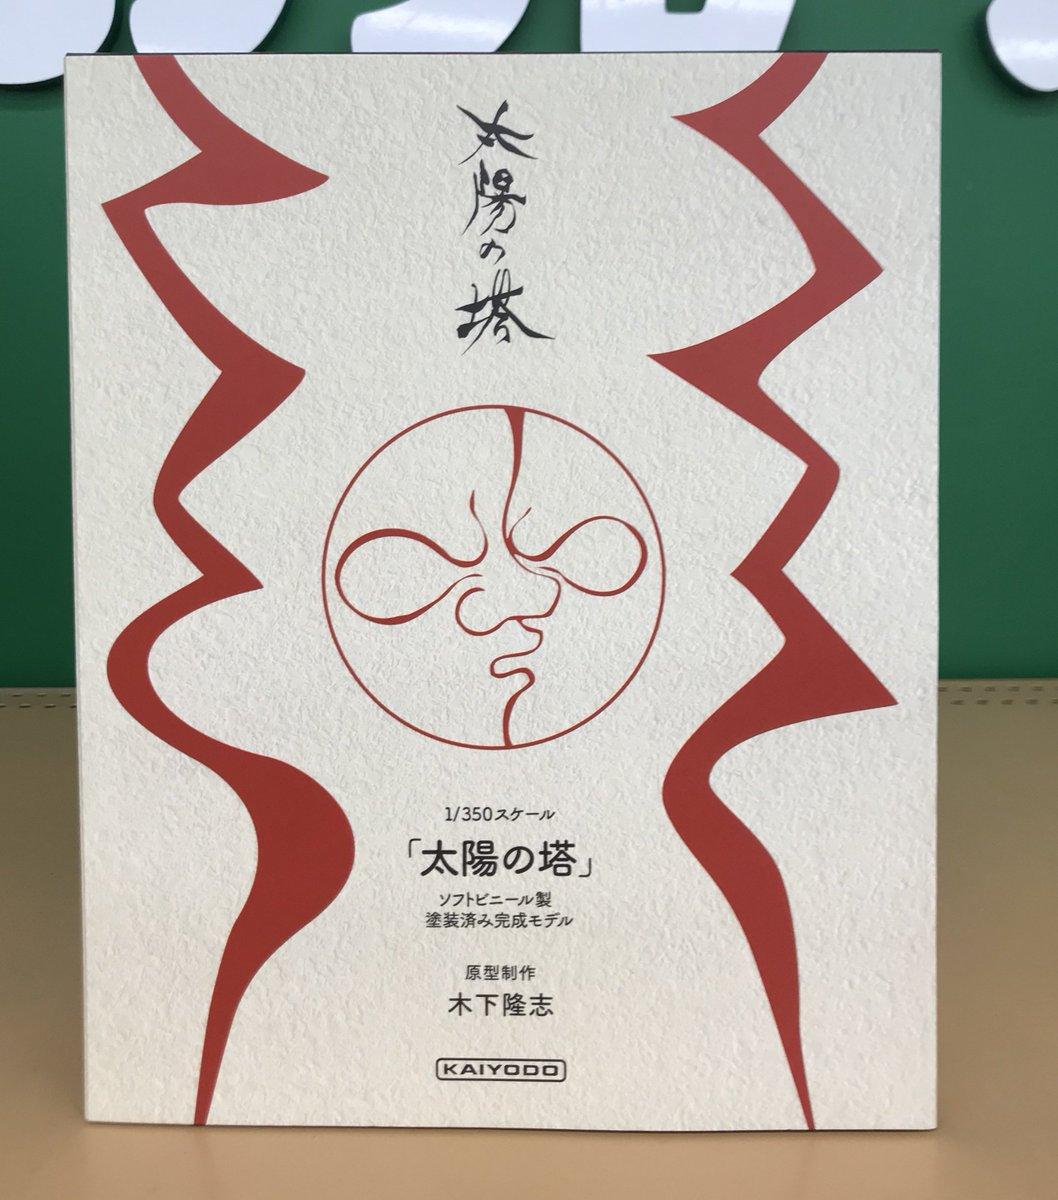 オフハウス堺新金岡店の画像